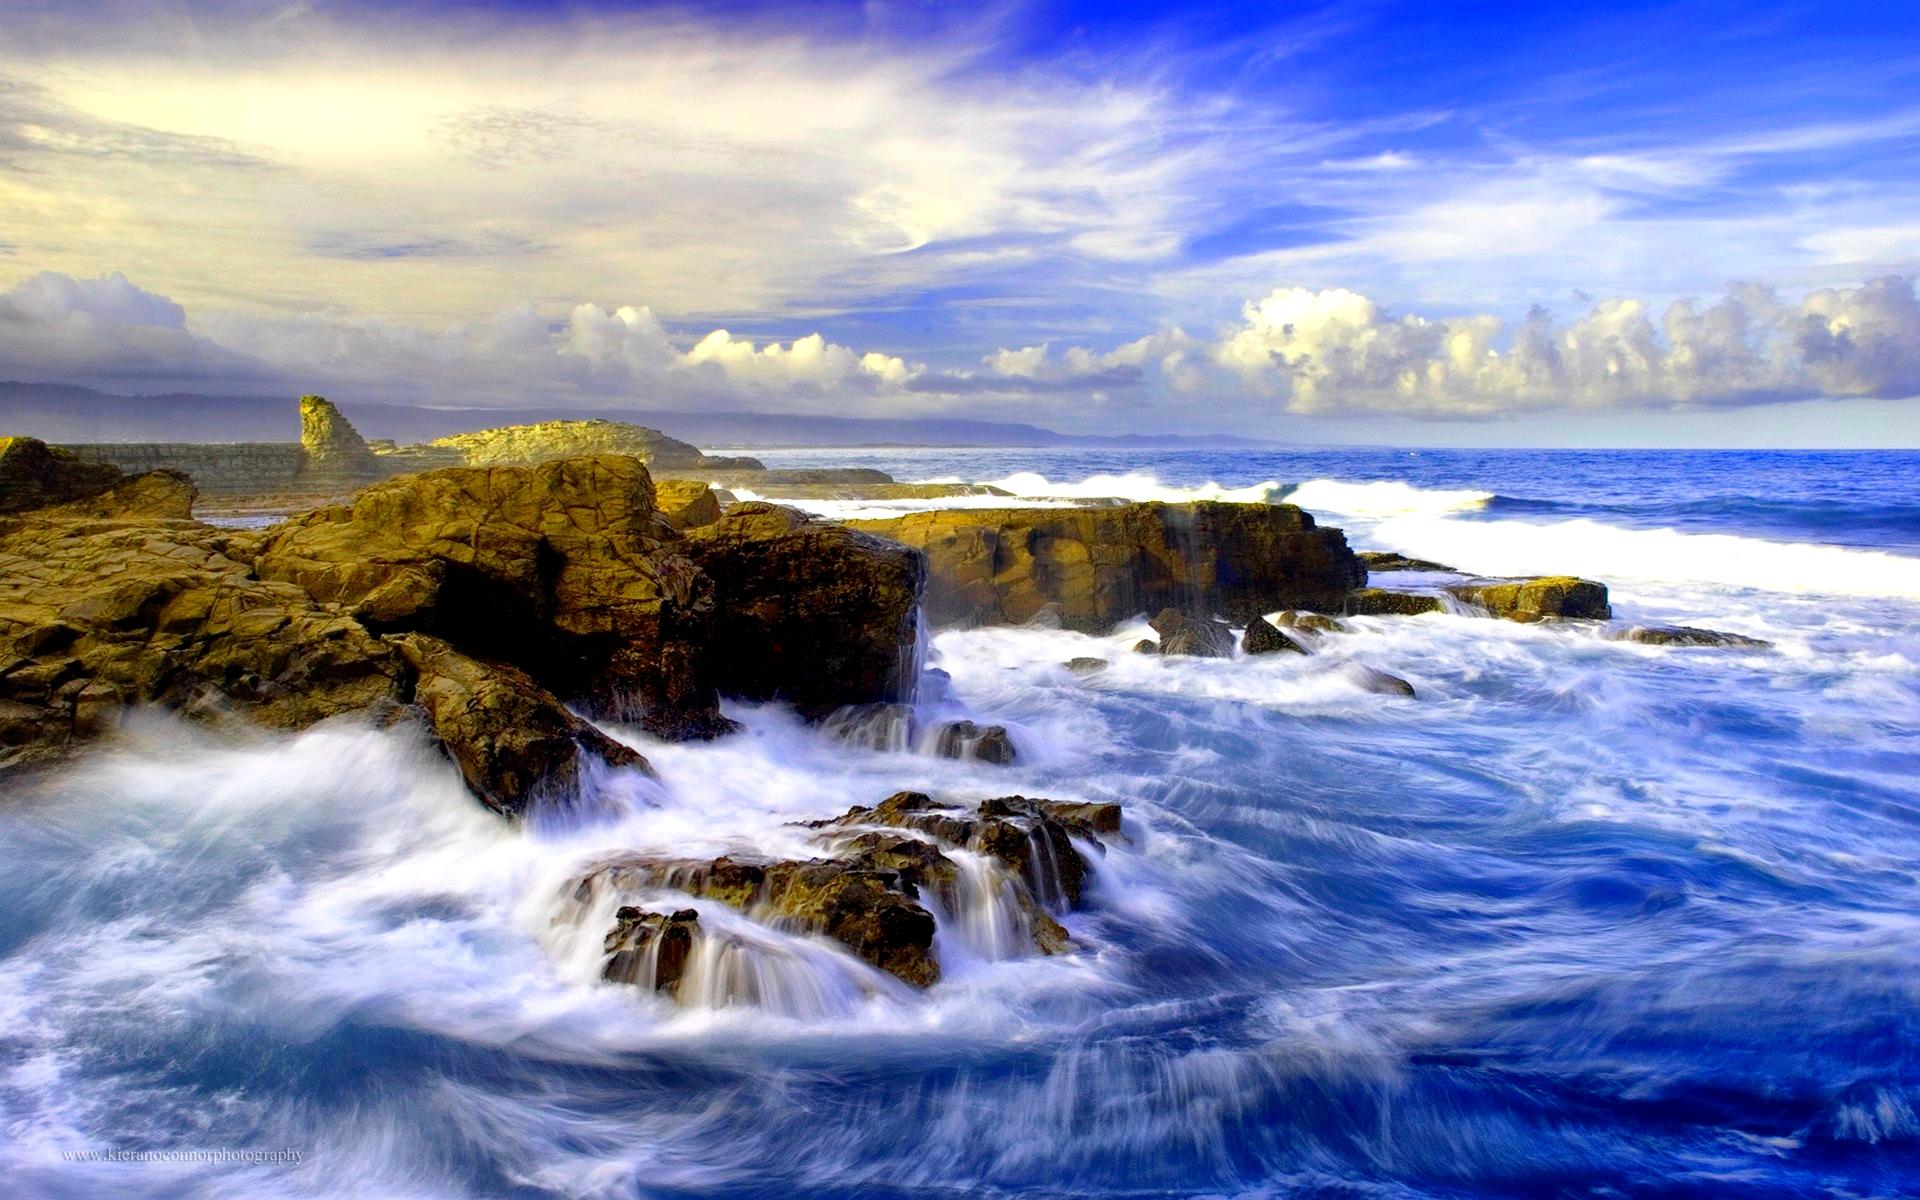 crashing waves wallpaper 35057